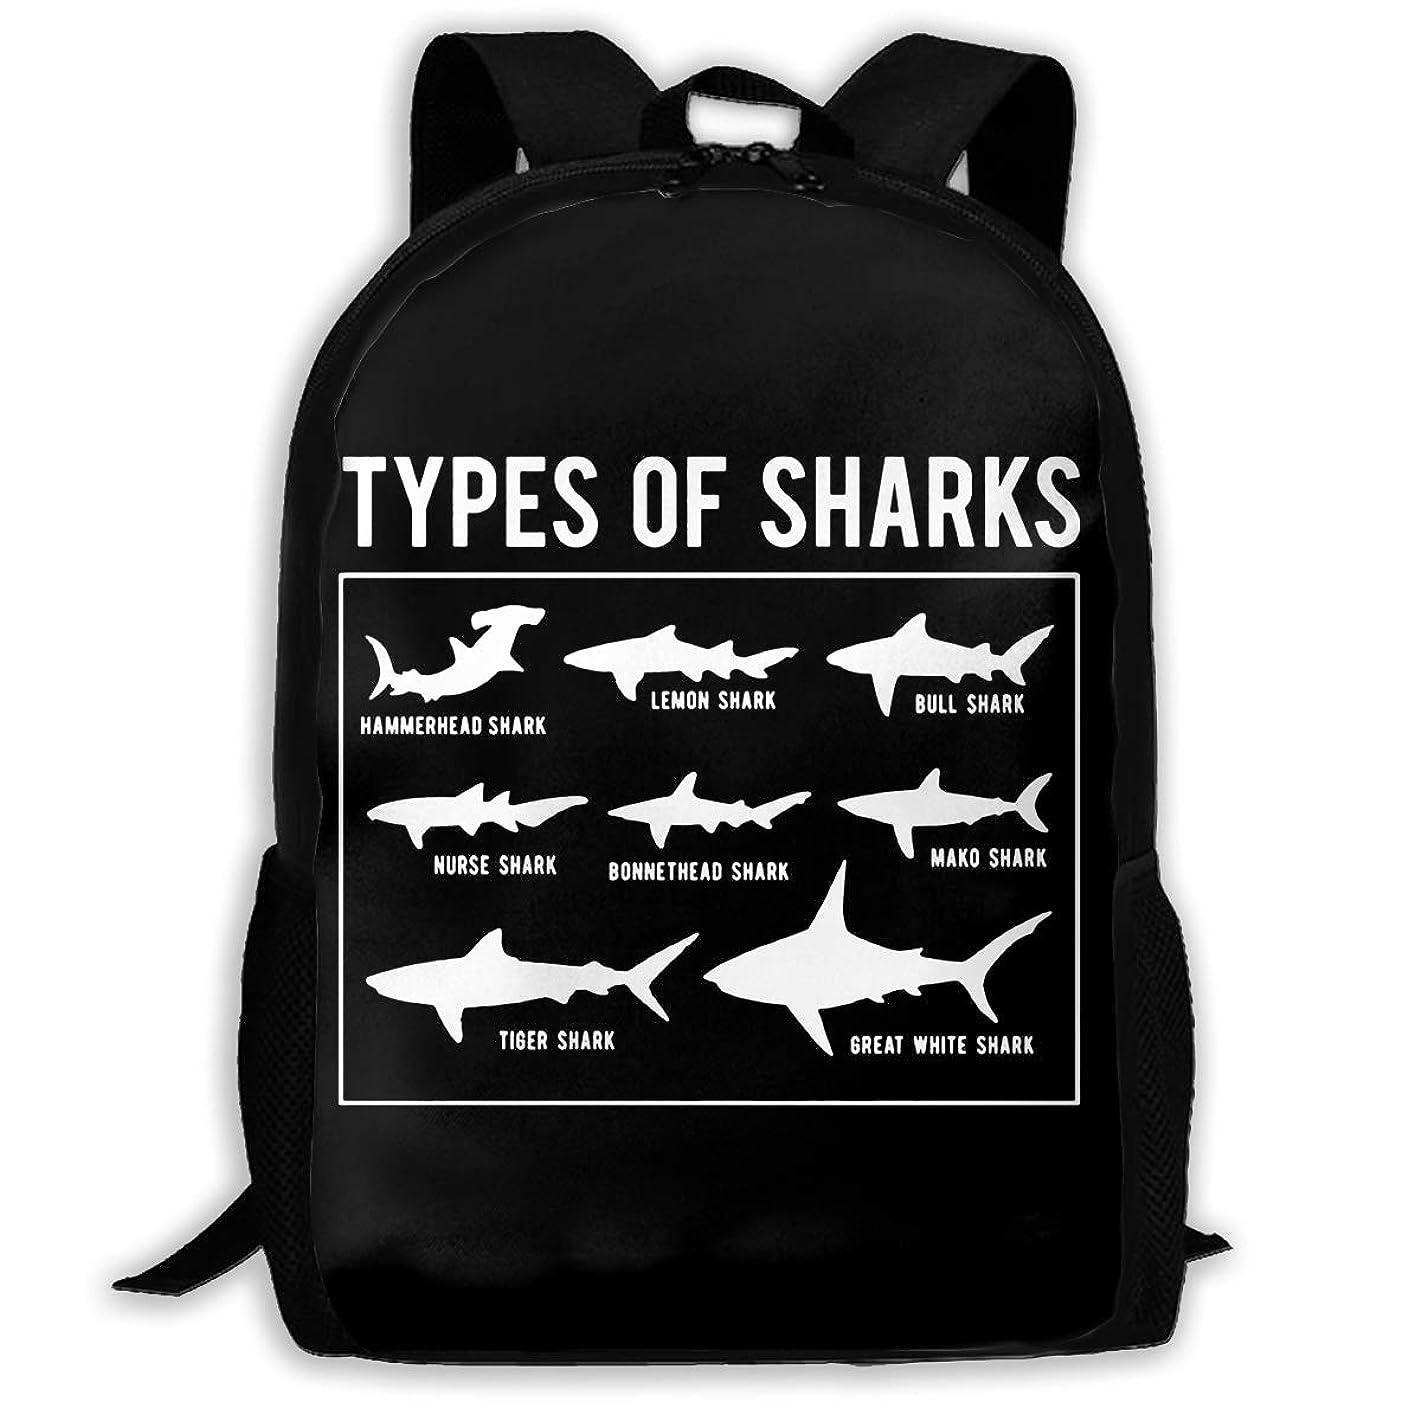 コールスイサルベージKDS リュック レディース バックパック リュックサック サメ 種類 鞄 カバン リュック 多機能 防水バック メンズバック ビジネスバック 男女兼用 大容量 高校生 通学 通勤 旅行 軽量 キャンバス